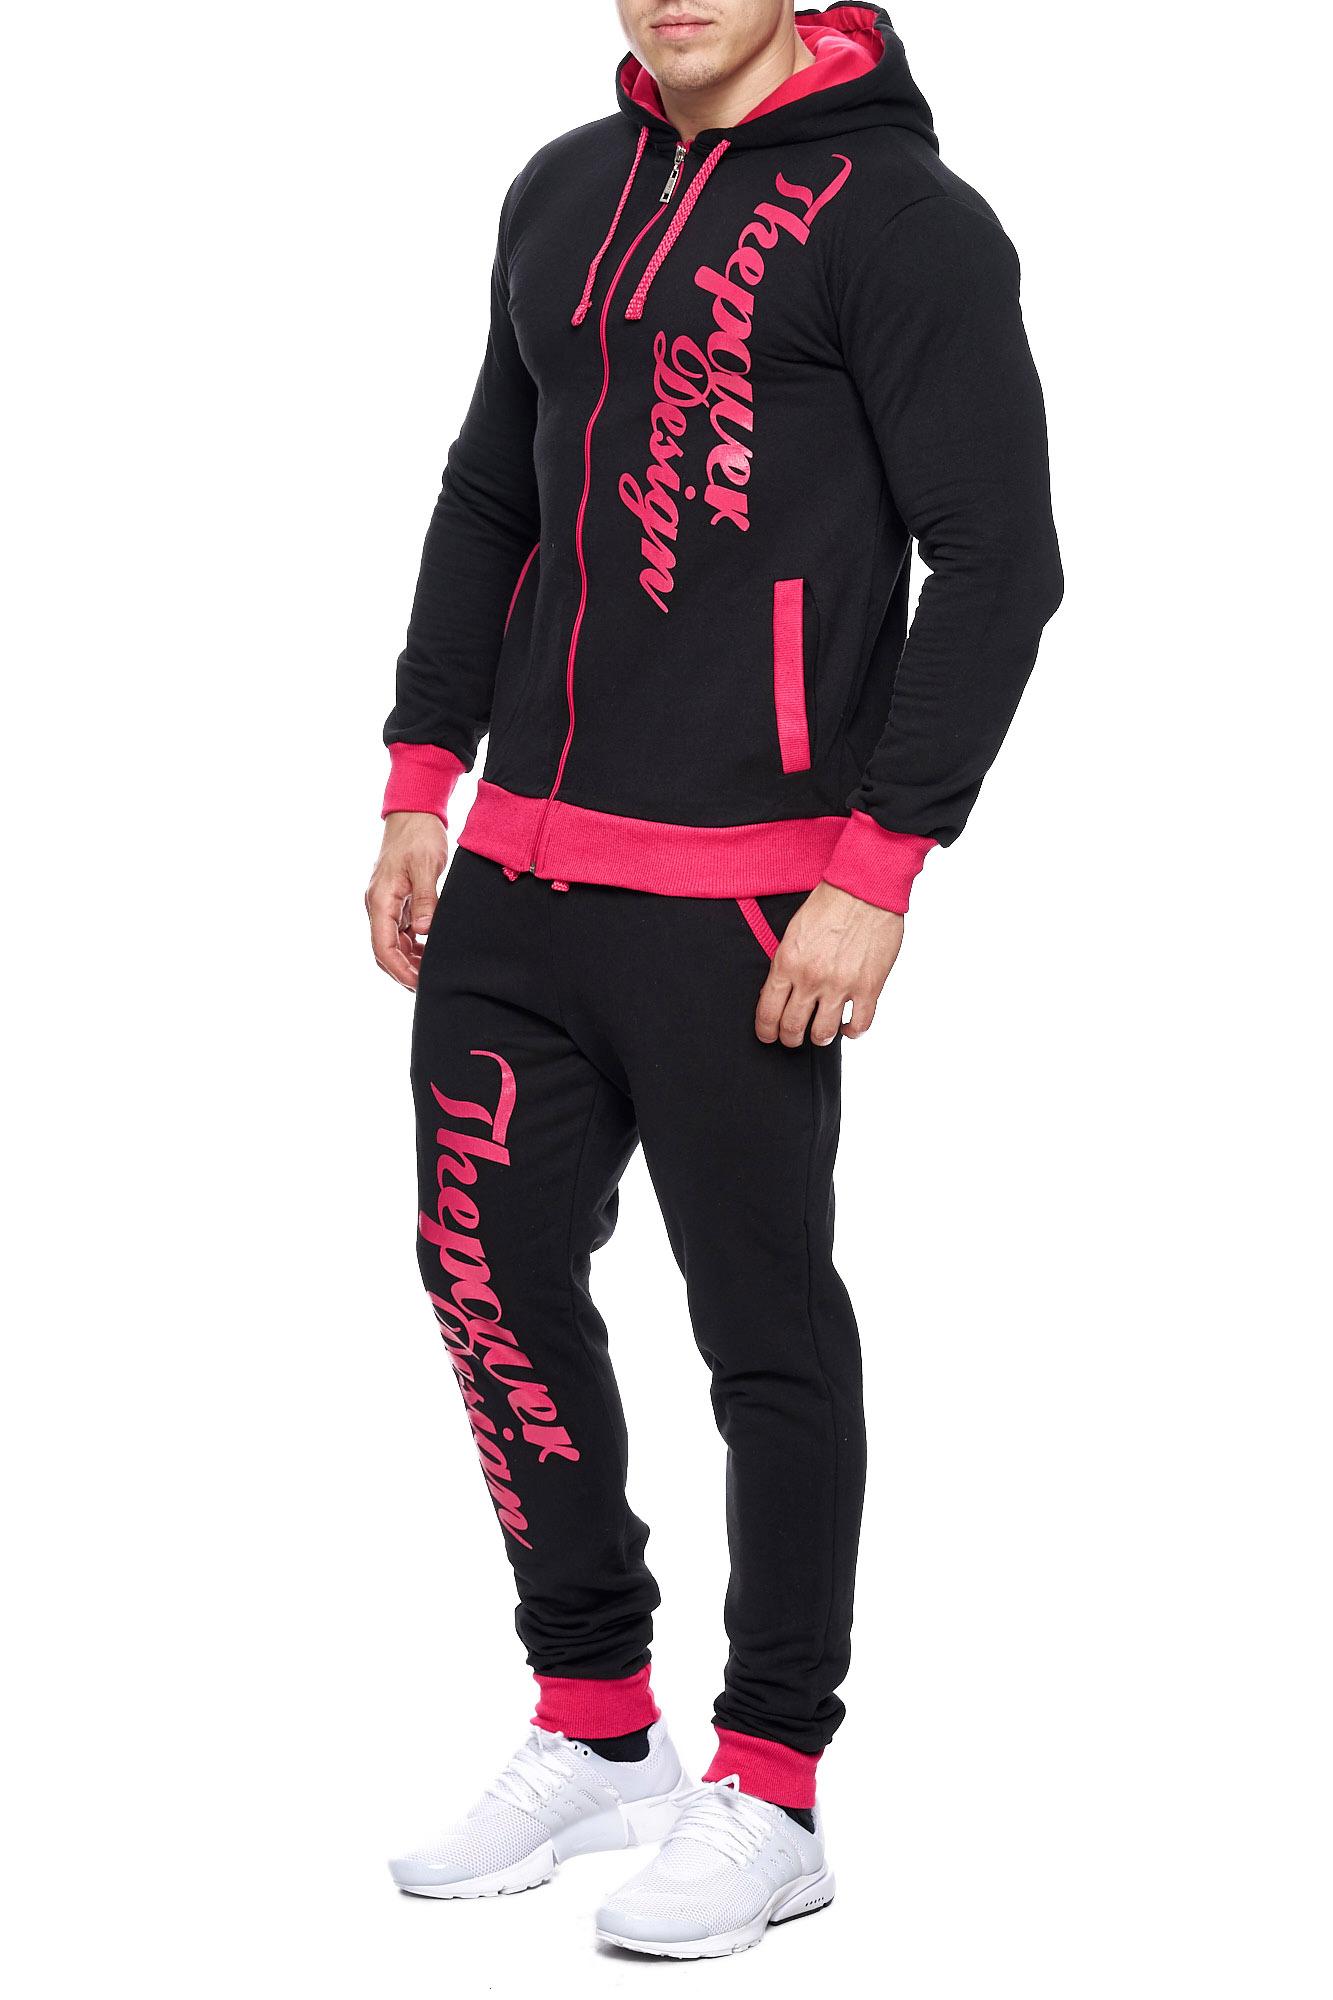 Jogging-Suit-Sports-Suit-Fitness-Power-Men-039-s-Code47 thumbnail 17